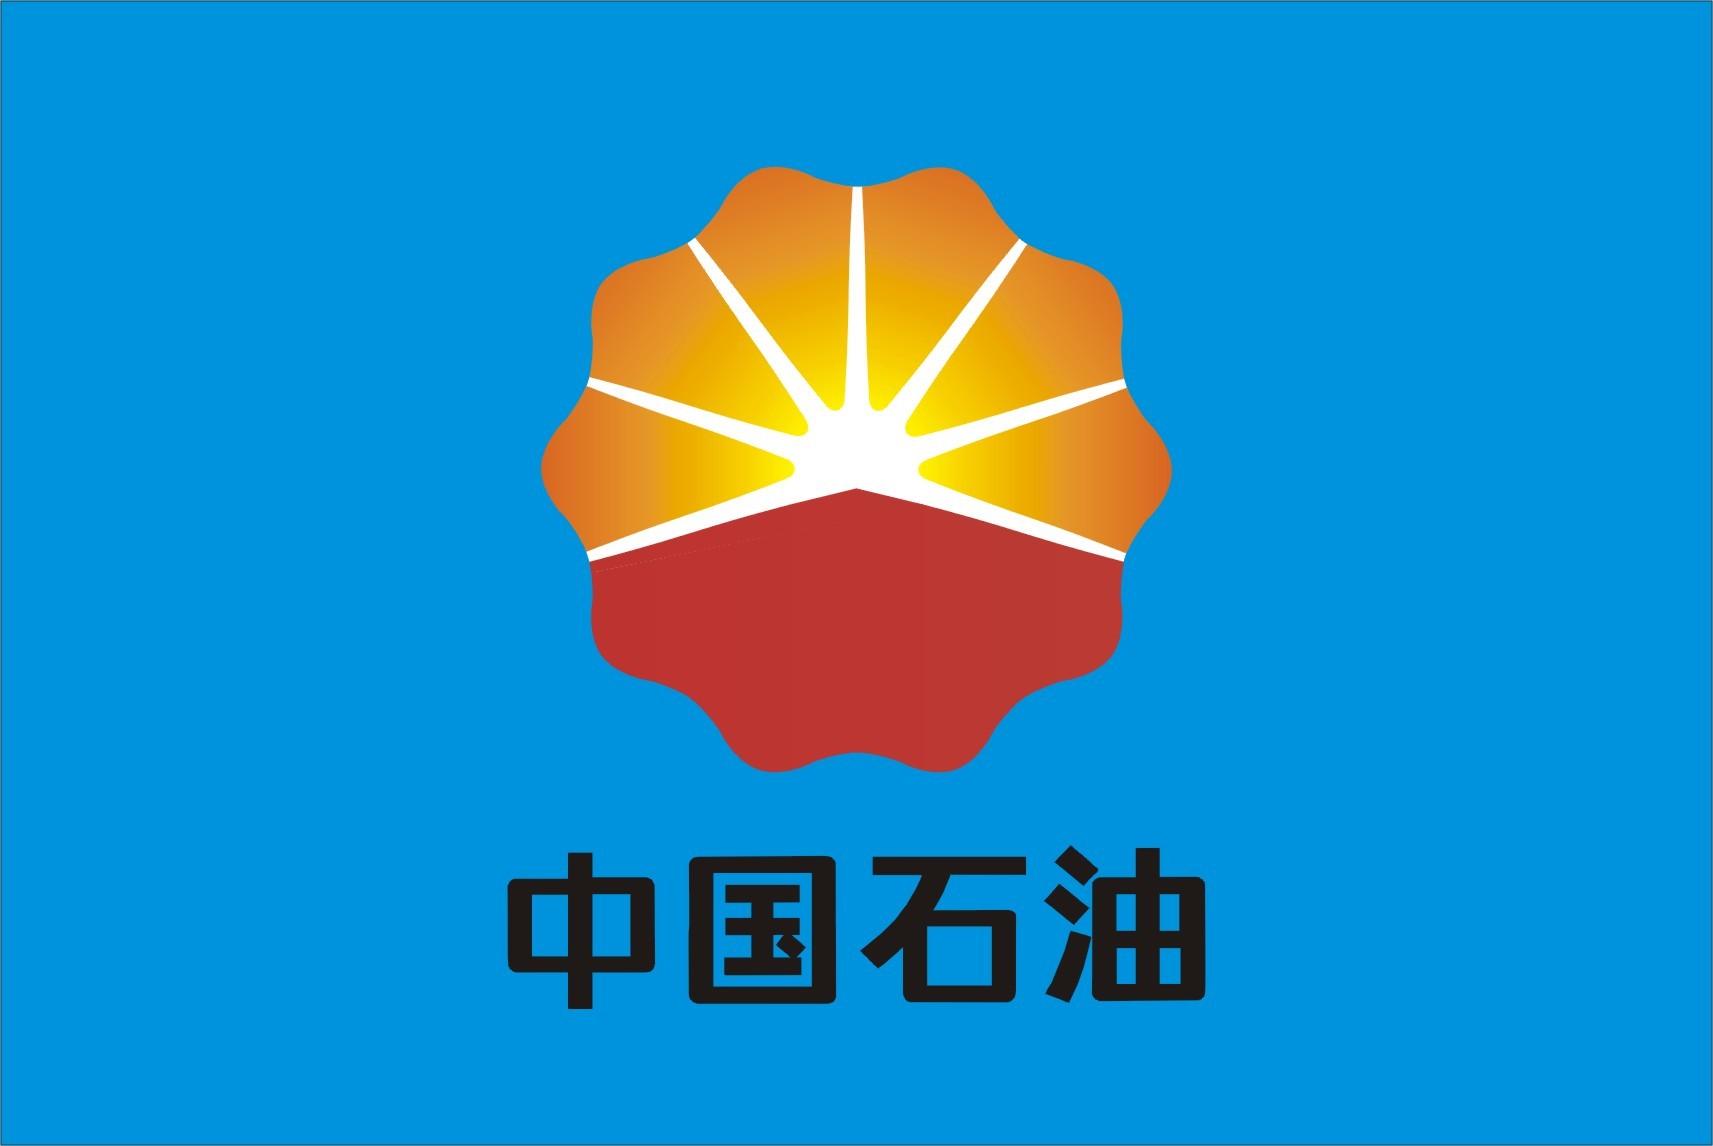 中国石油集团旗帜(司旗)